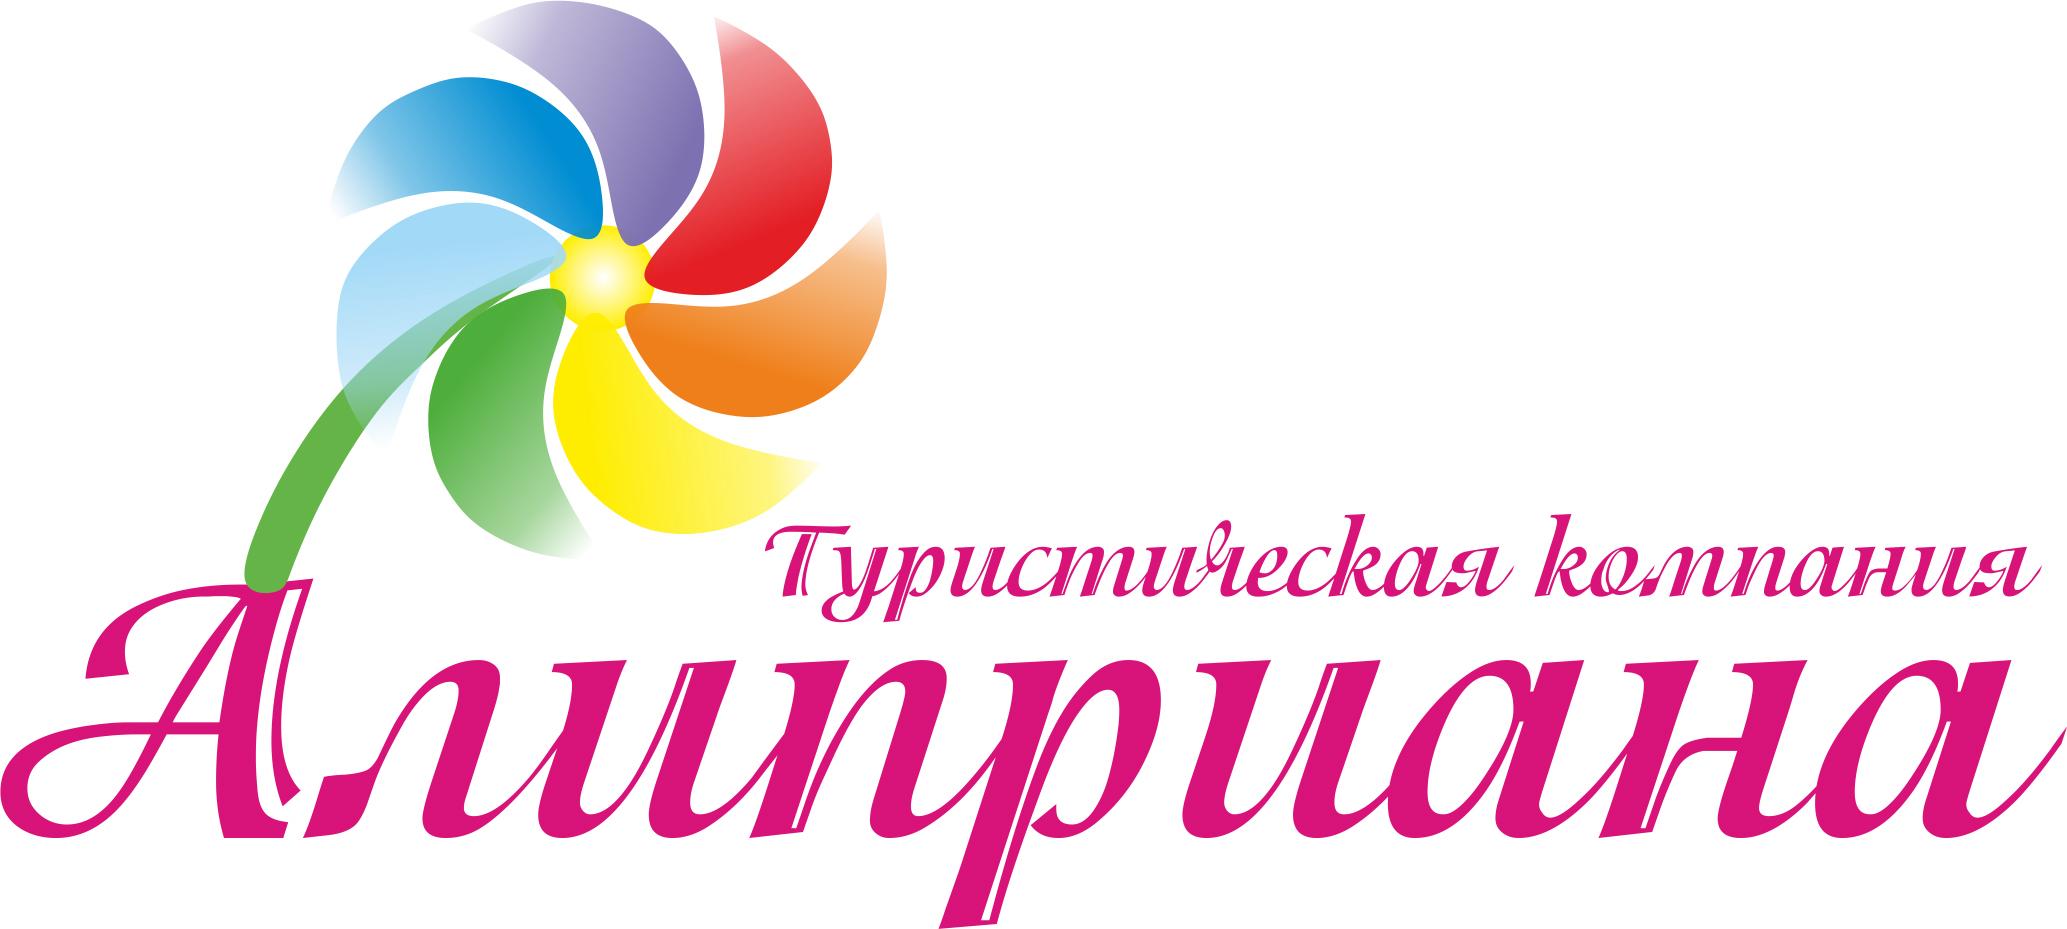 """Тур """"Горы, пещеры и термы по дороге в Будапешт!"""" от 445 руб/7 дней"""